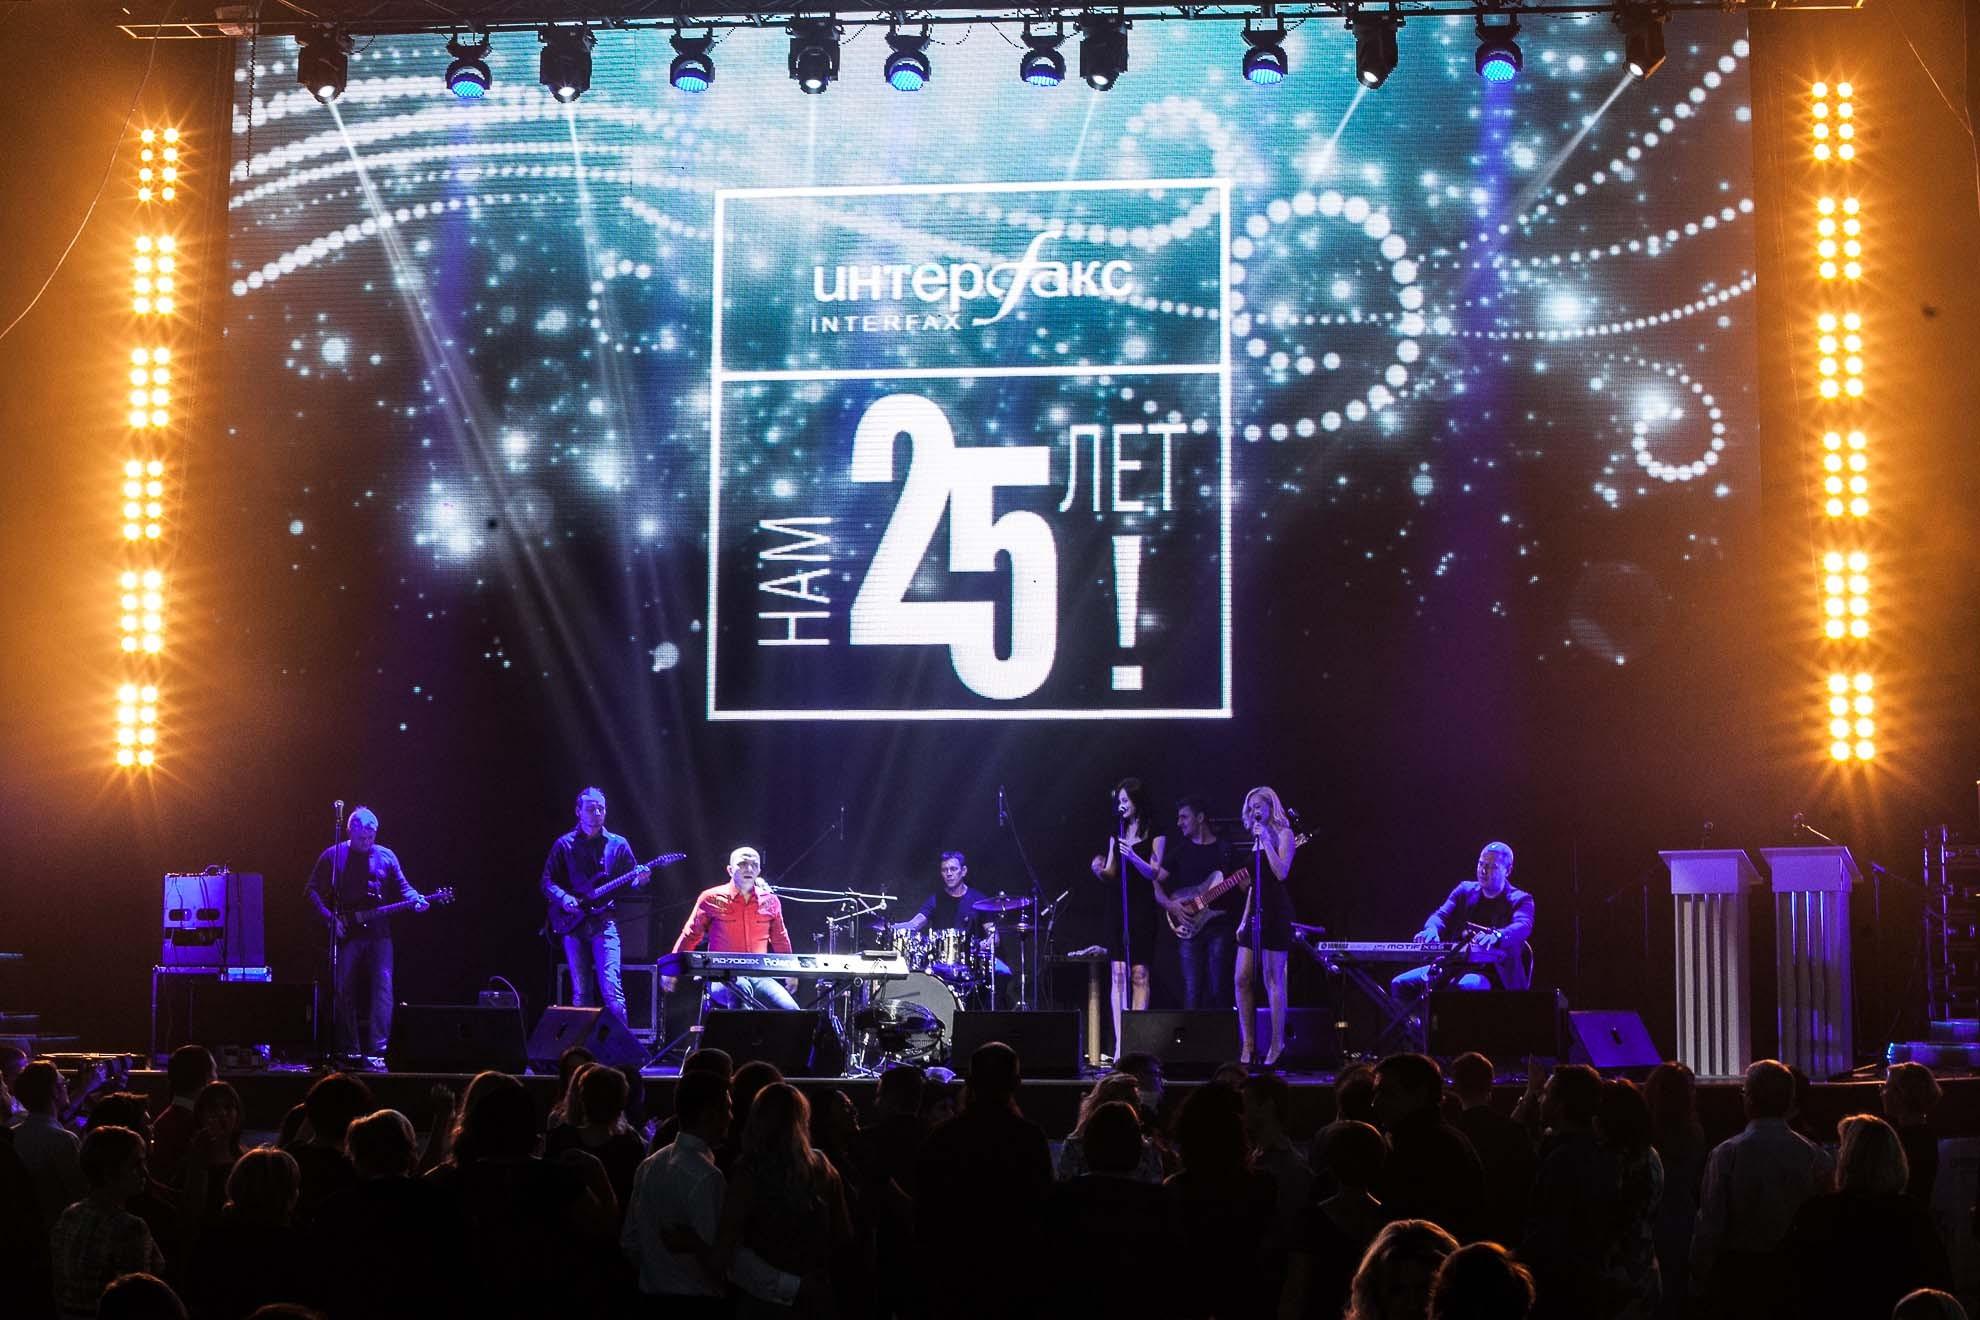 ИНТЕРФАКС 25 лет ИНТЕРФАКС, Москва